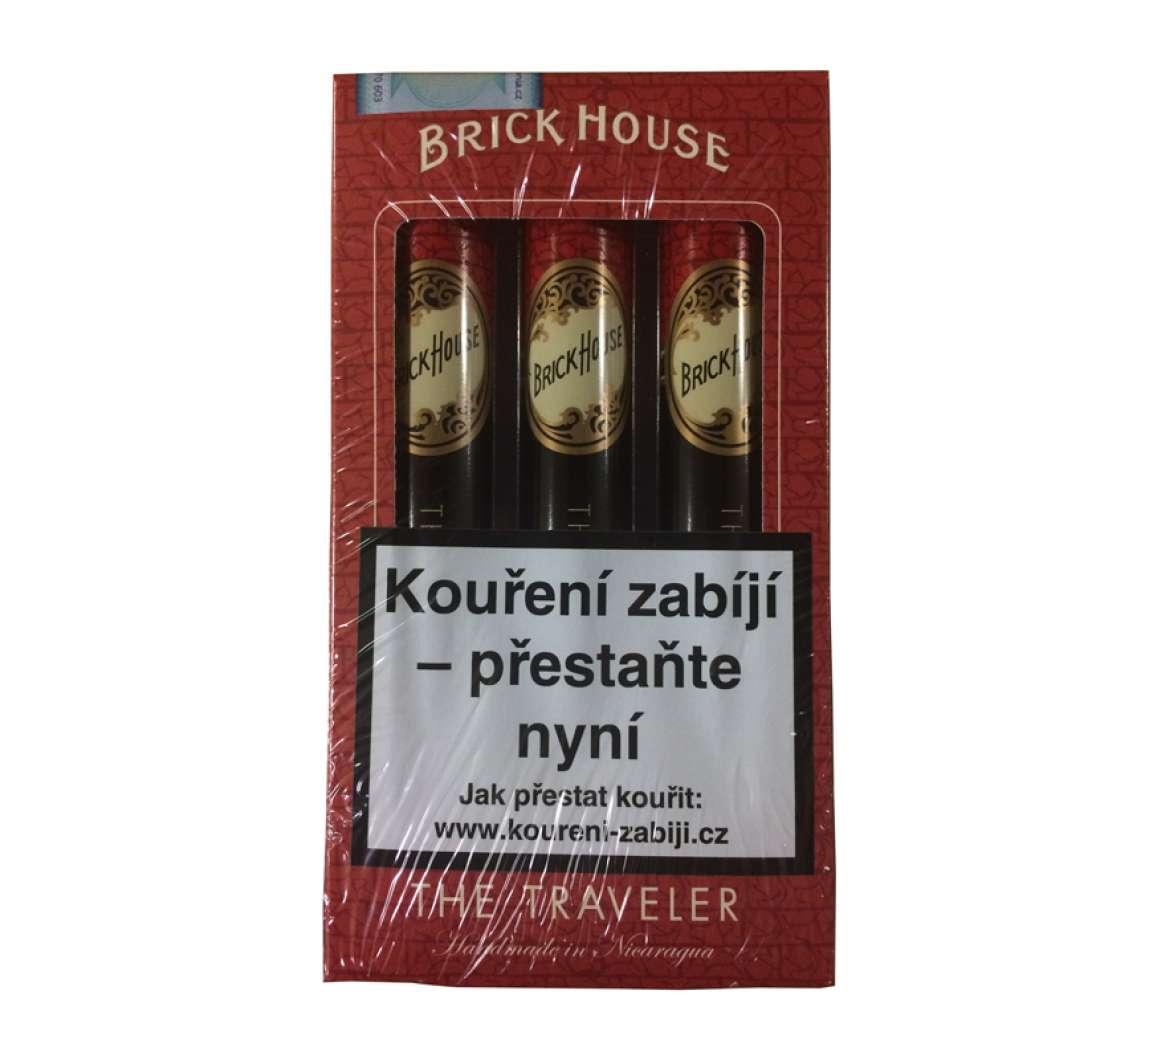 Brick House Traveler Tubos 3 ks